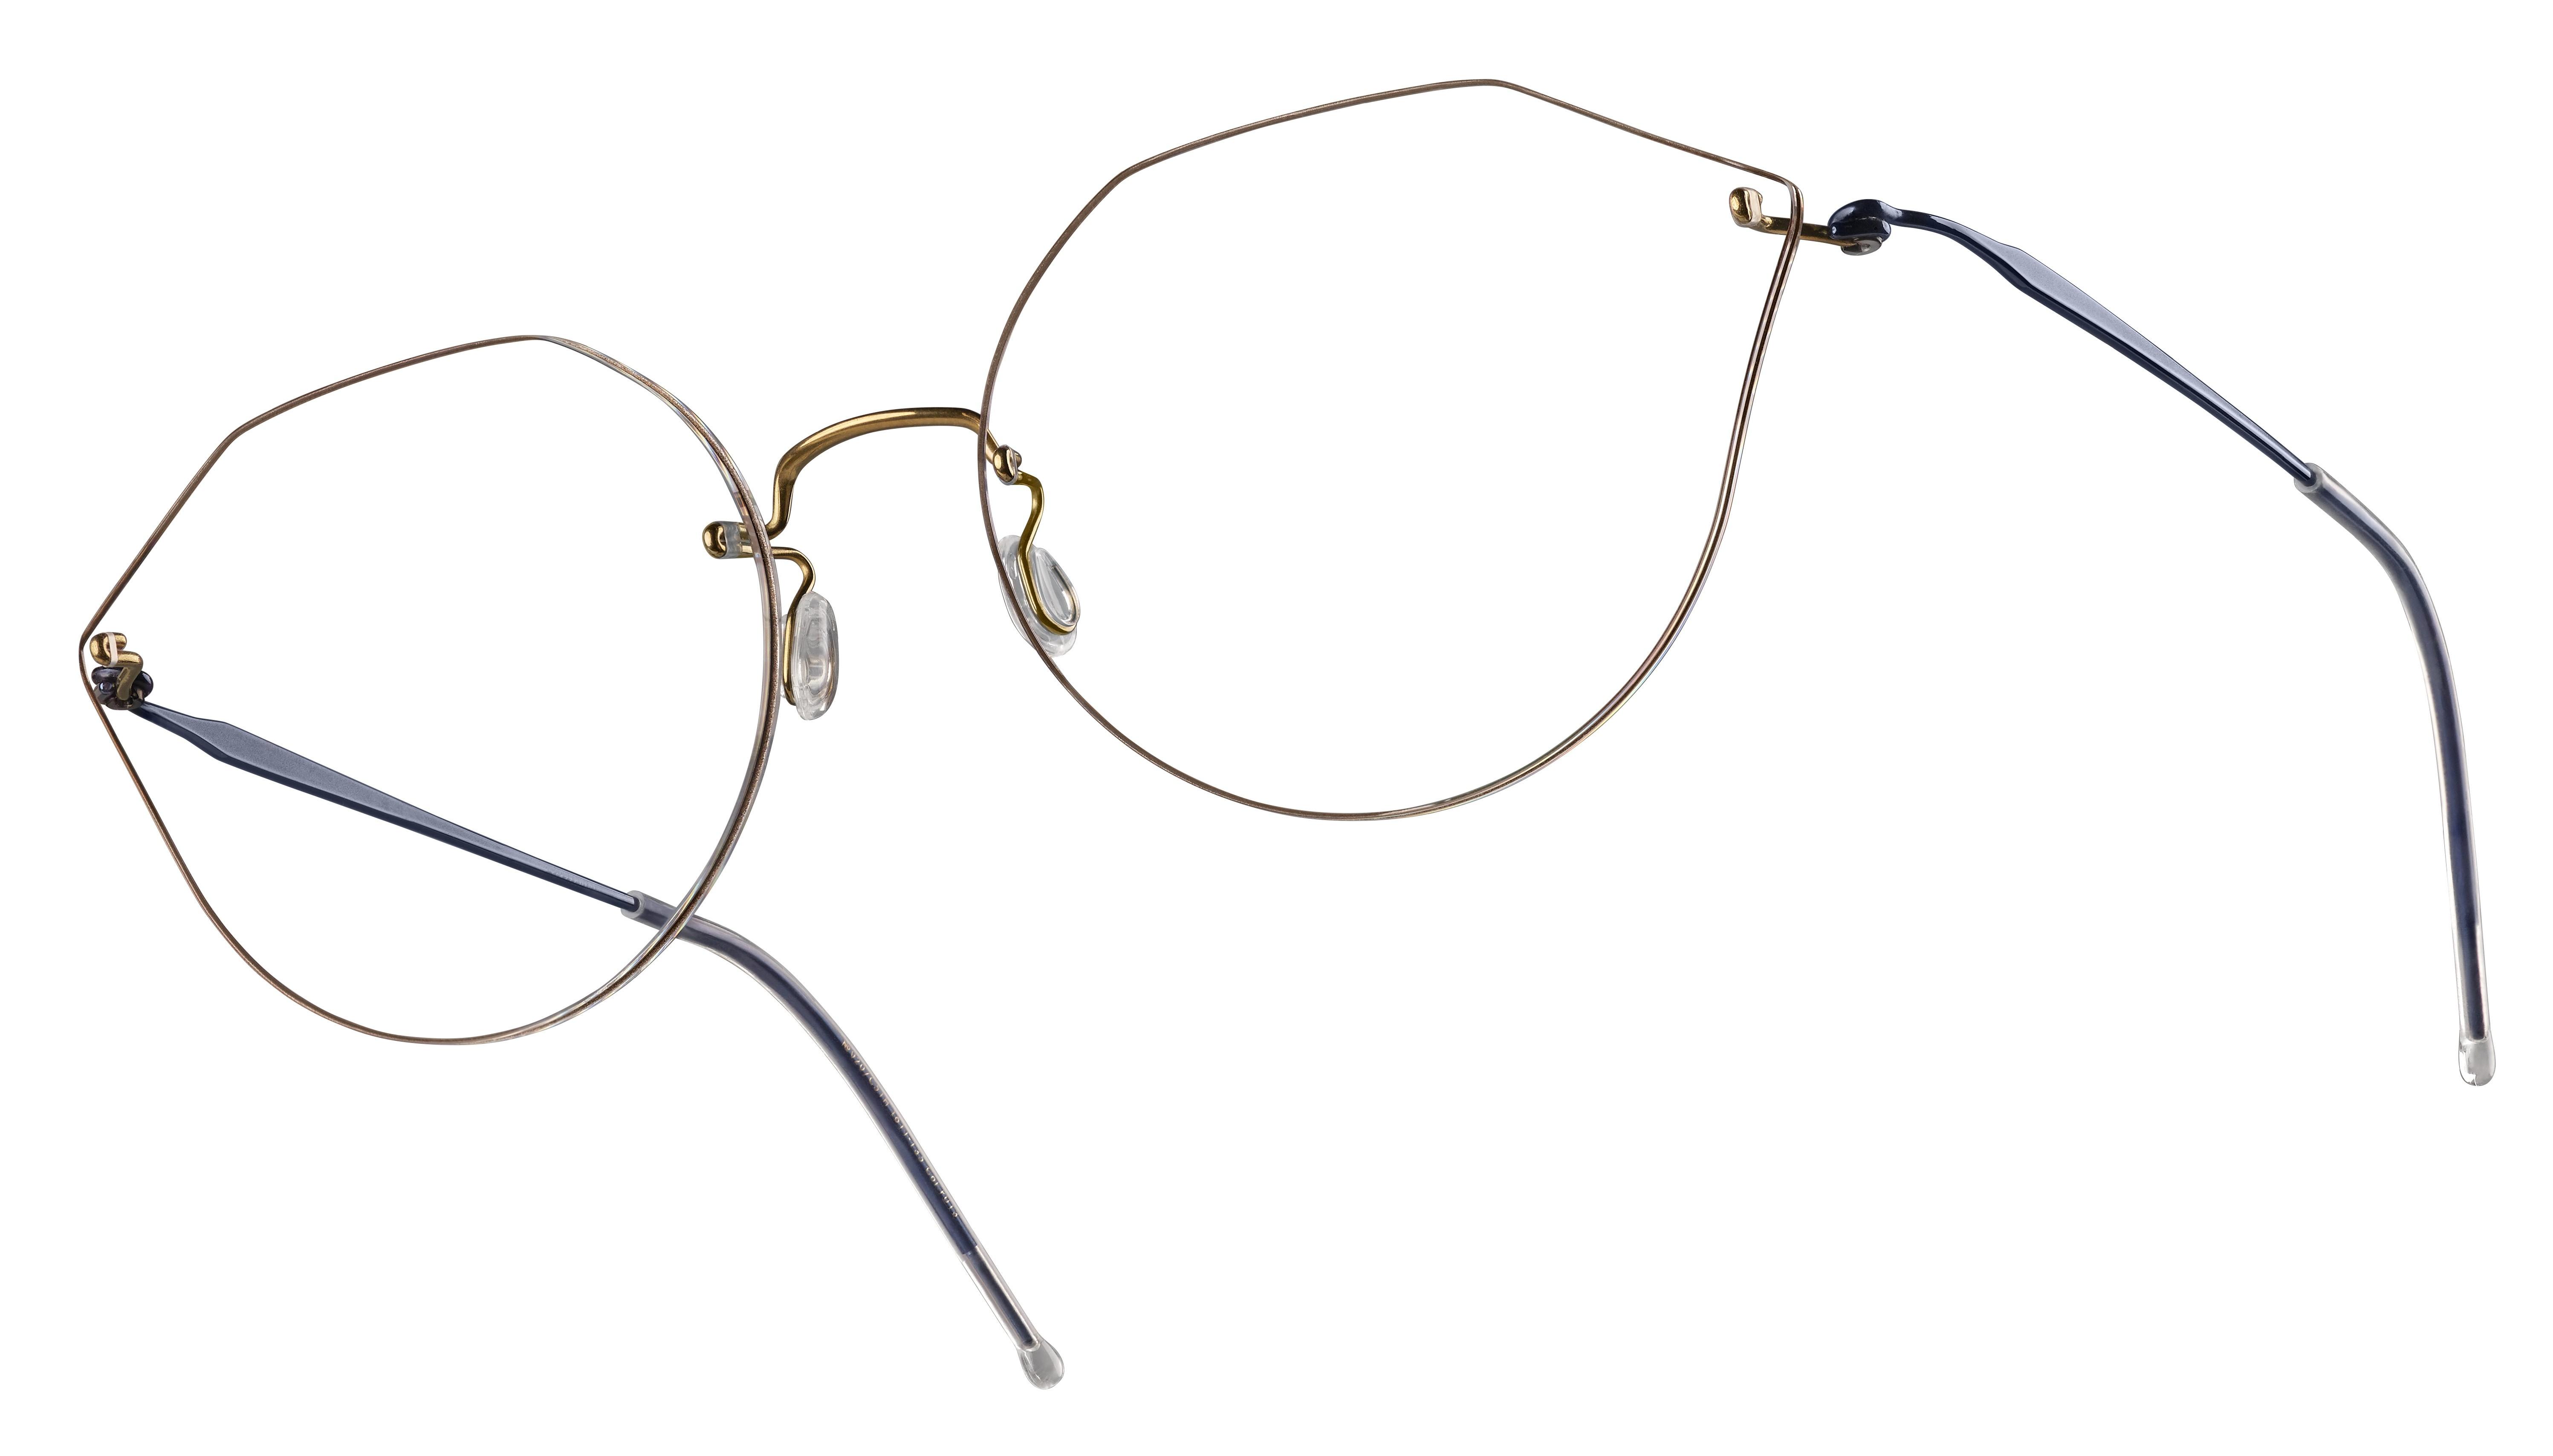 Korrekturbrille mit ausgefallenen Brillengläsern und dünne, silbernen Gestell.